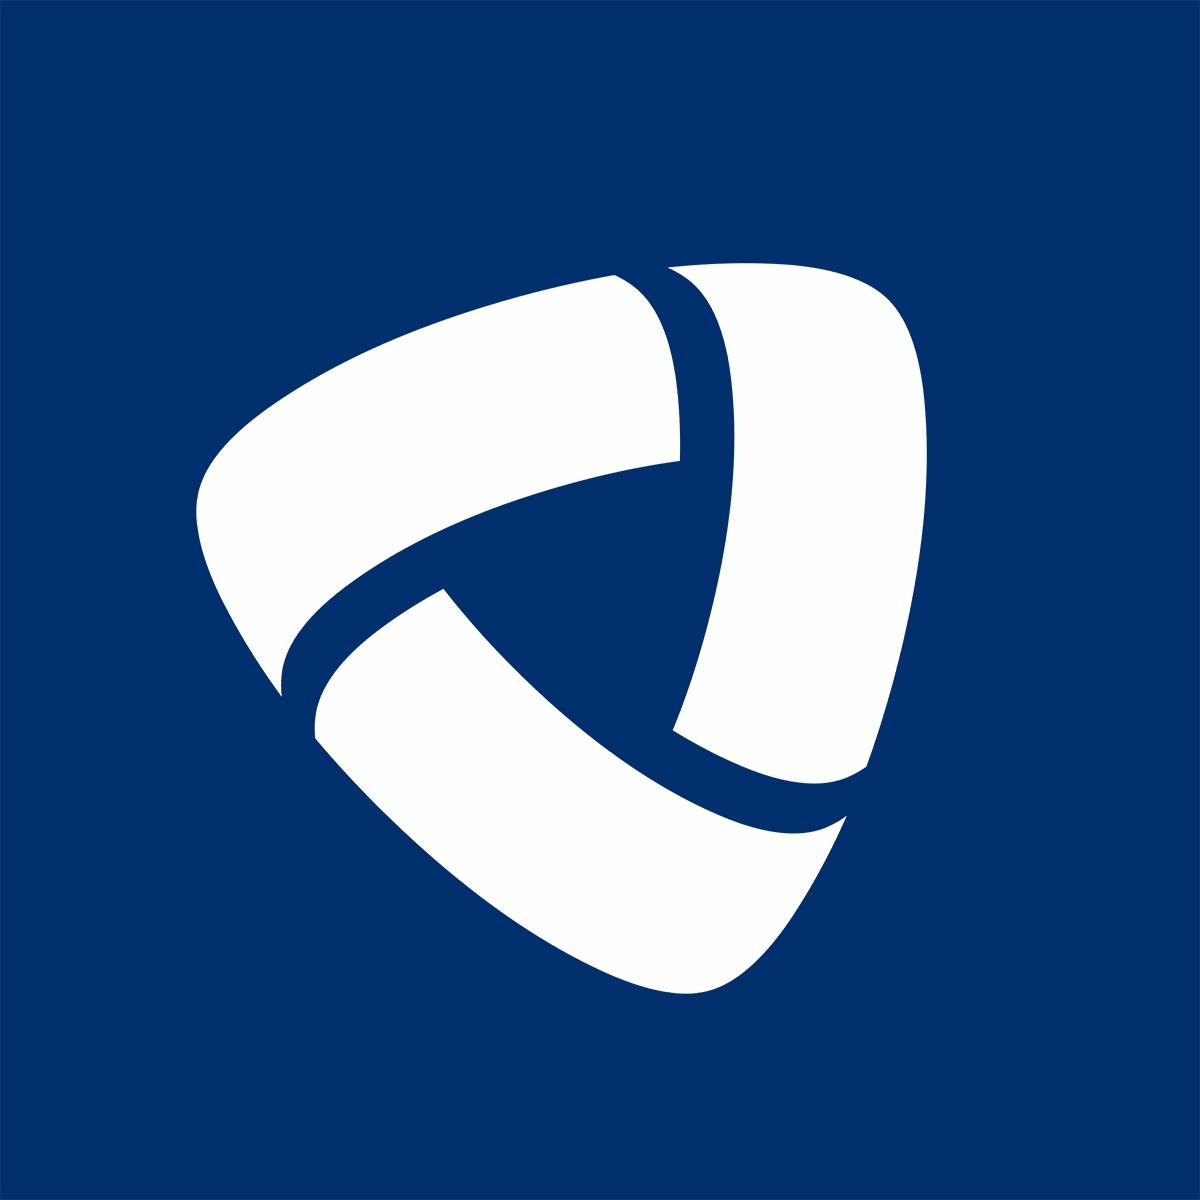 Логотип компании «Северсталь»